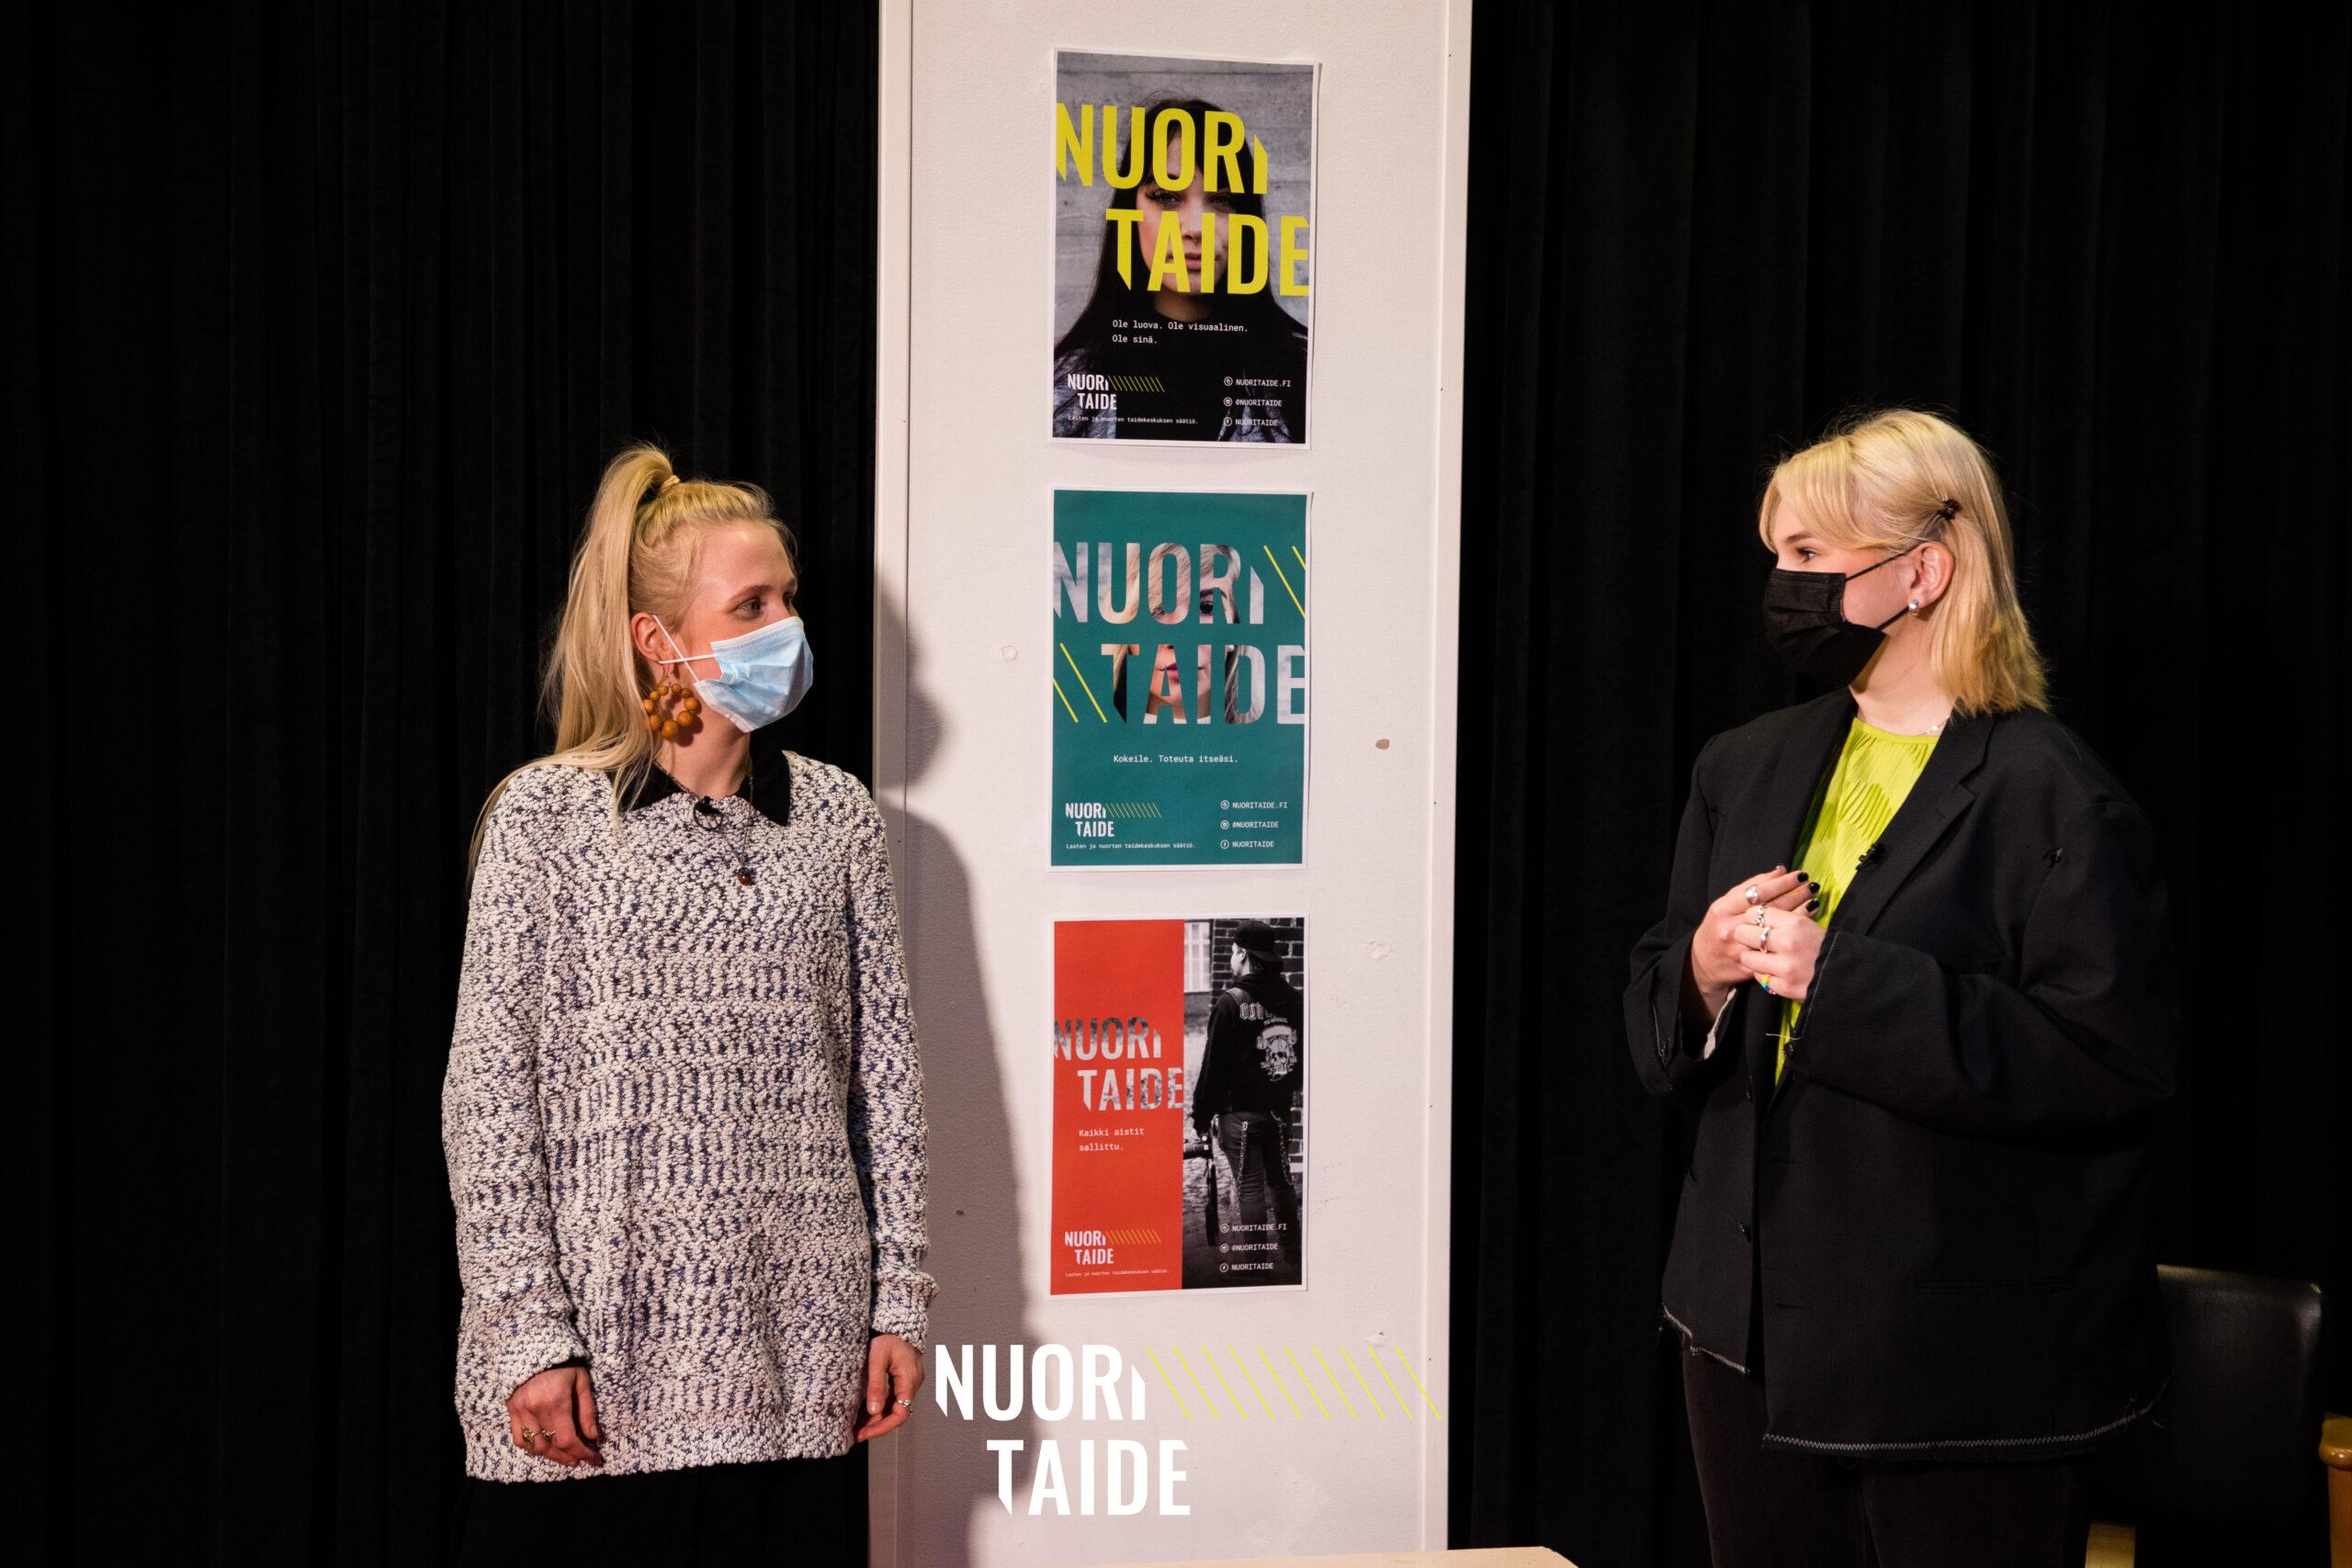 Kaksi vaalea hiuksista henkilöä seisoo ja juttelee mustaa taustaa vasten.